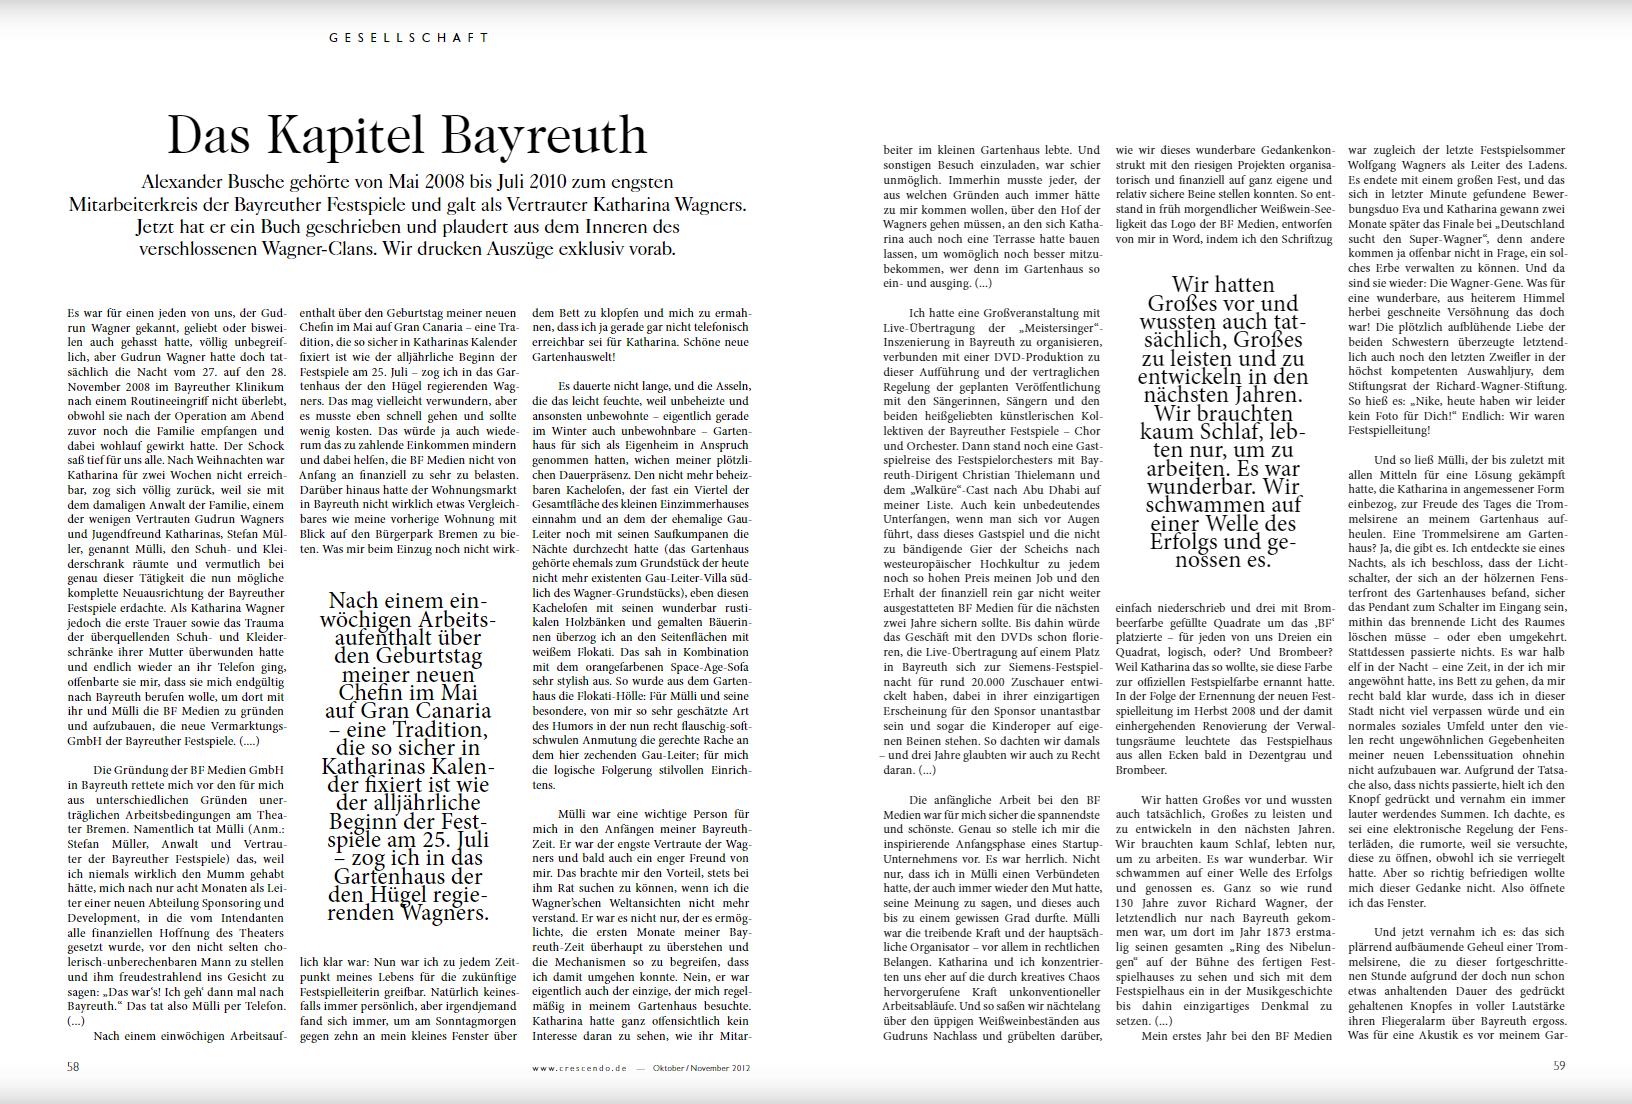 Das Kapitel Bayreuth